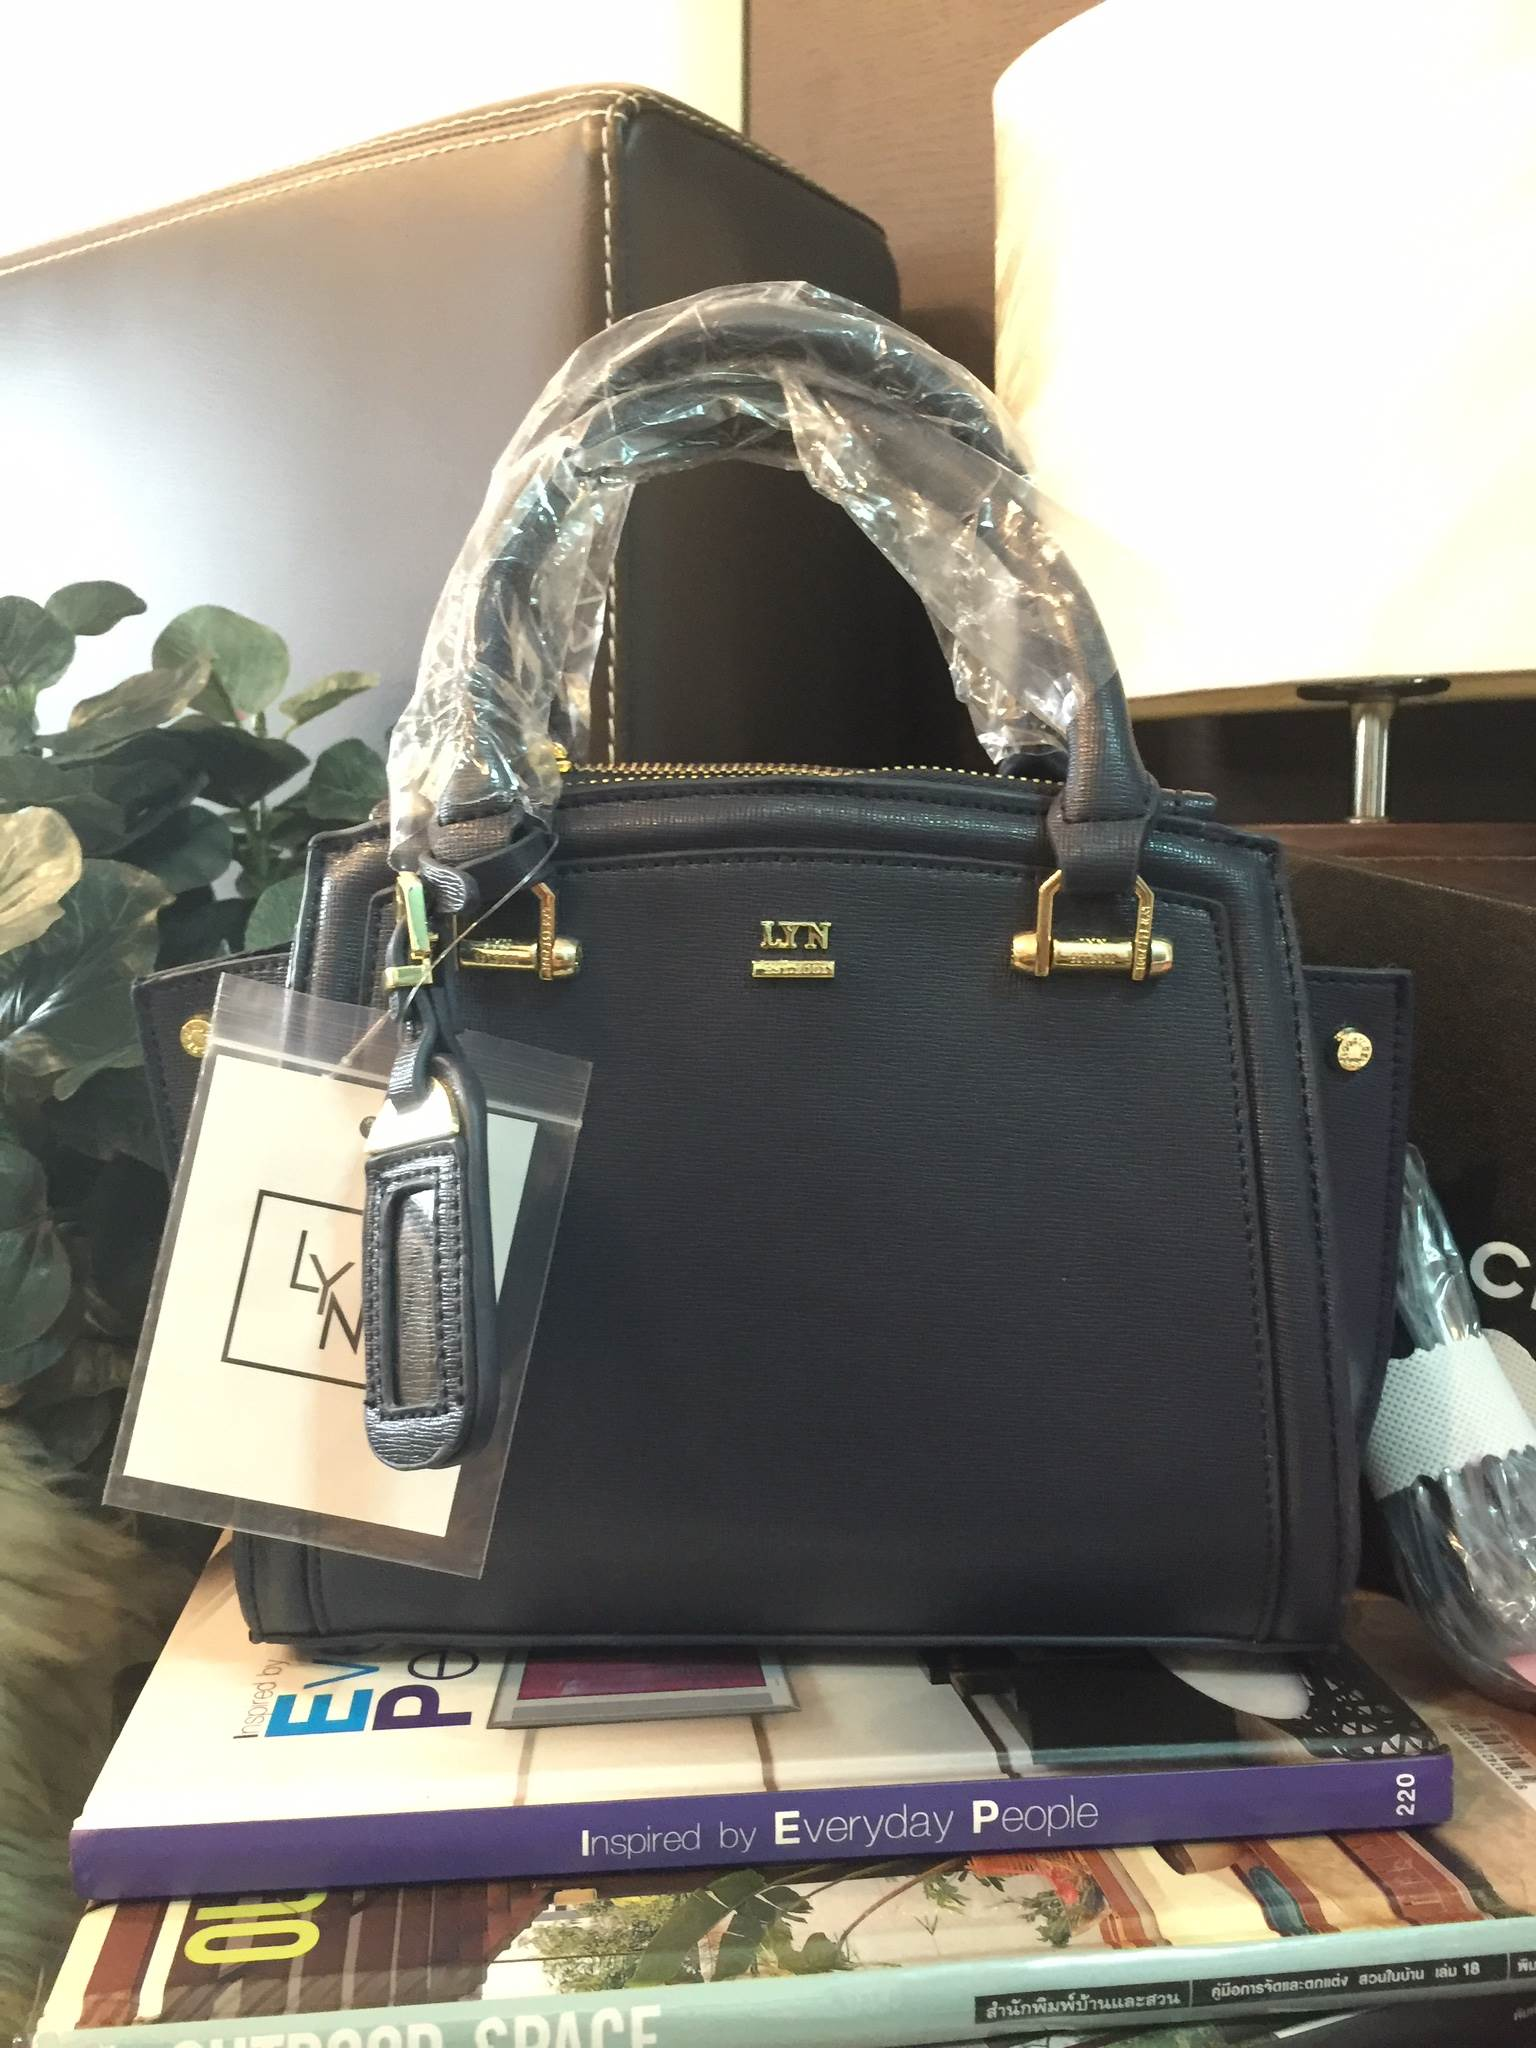 LYN Madison Bag สีดำ กระเป๋าถือหรือสะพายทรงสวย รุ่นใหม่ล่าสุด วัสดุหนัง Saffiano